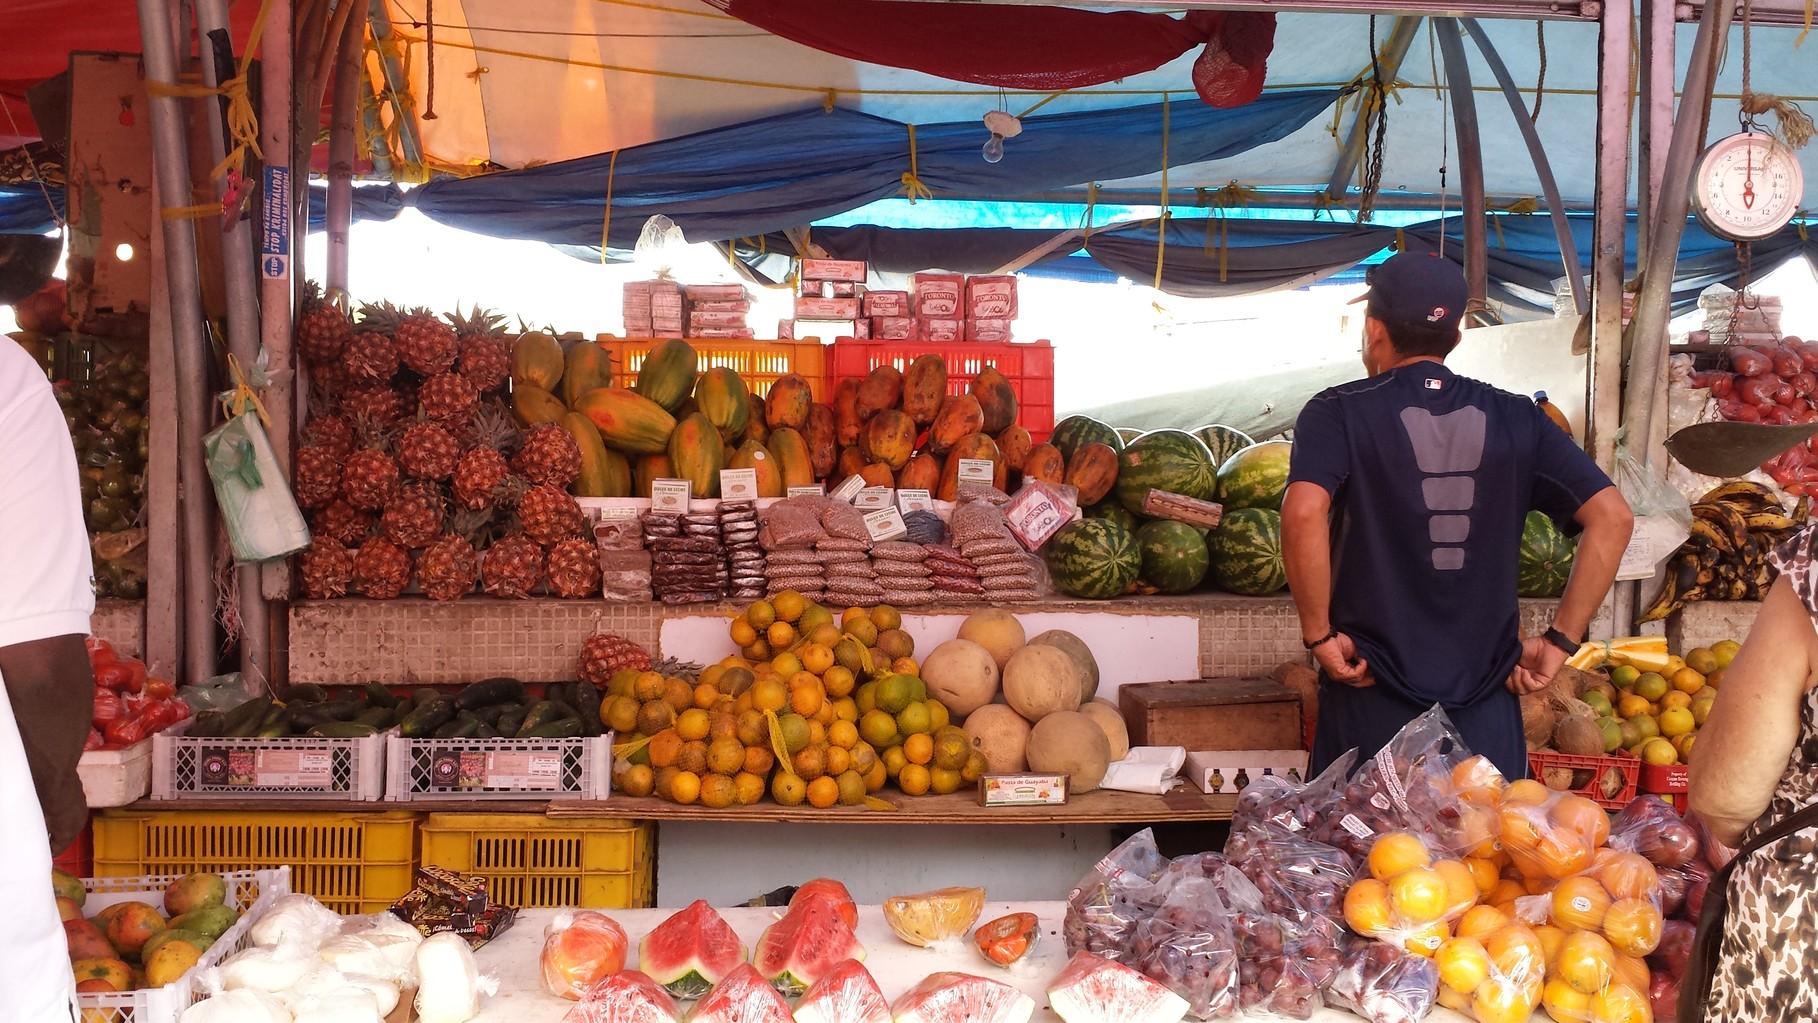 Obst und Gemüse Floating Market